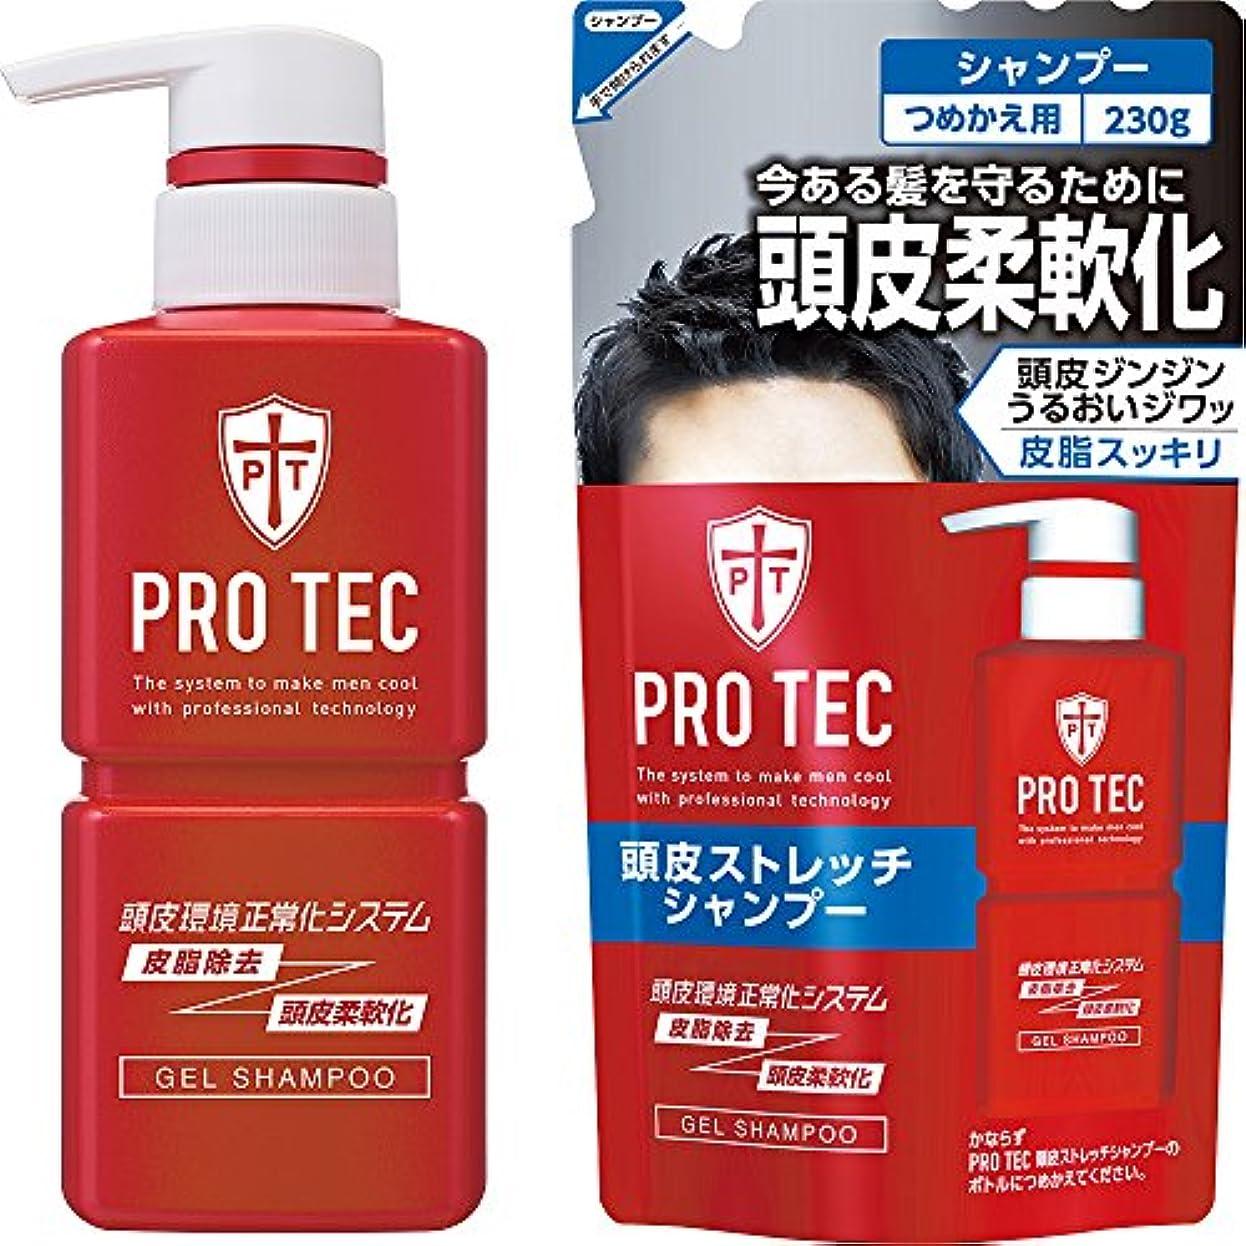 分類する情熱モディッシュPRO TEC(プロテク) 頭皮ストレッチシャンプー 本体ポンプ300g+詰め替え230g セット(医薬部外品)